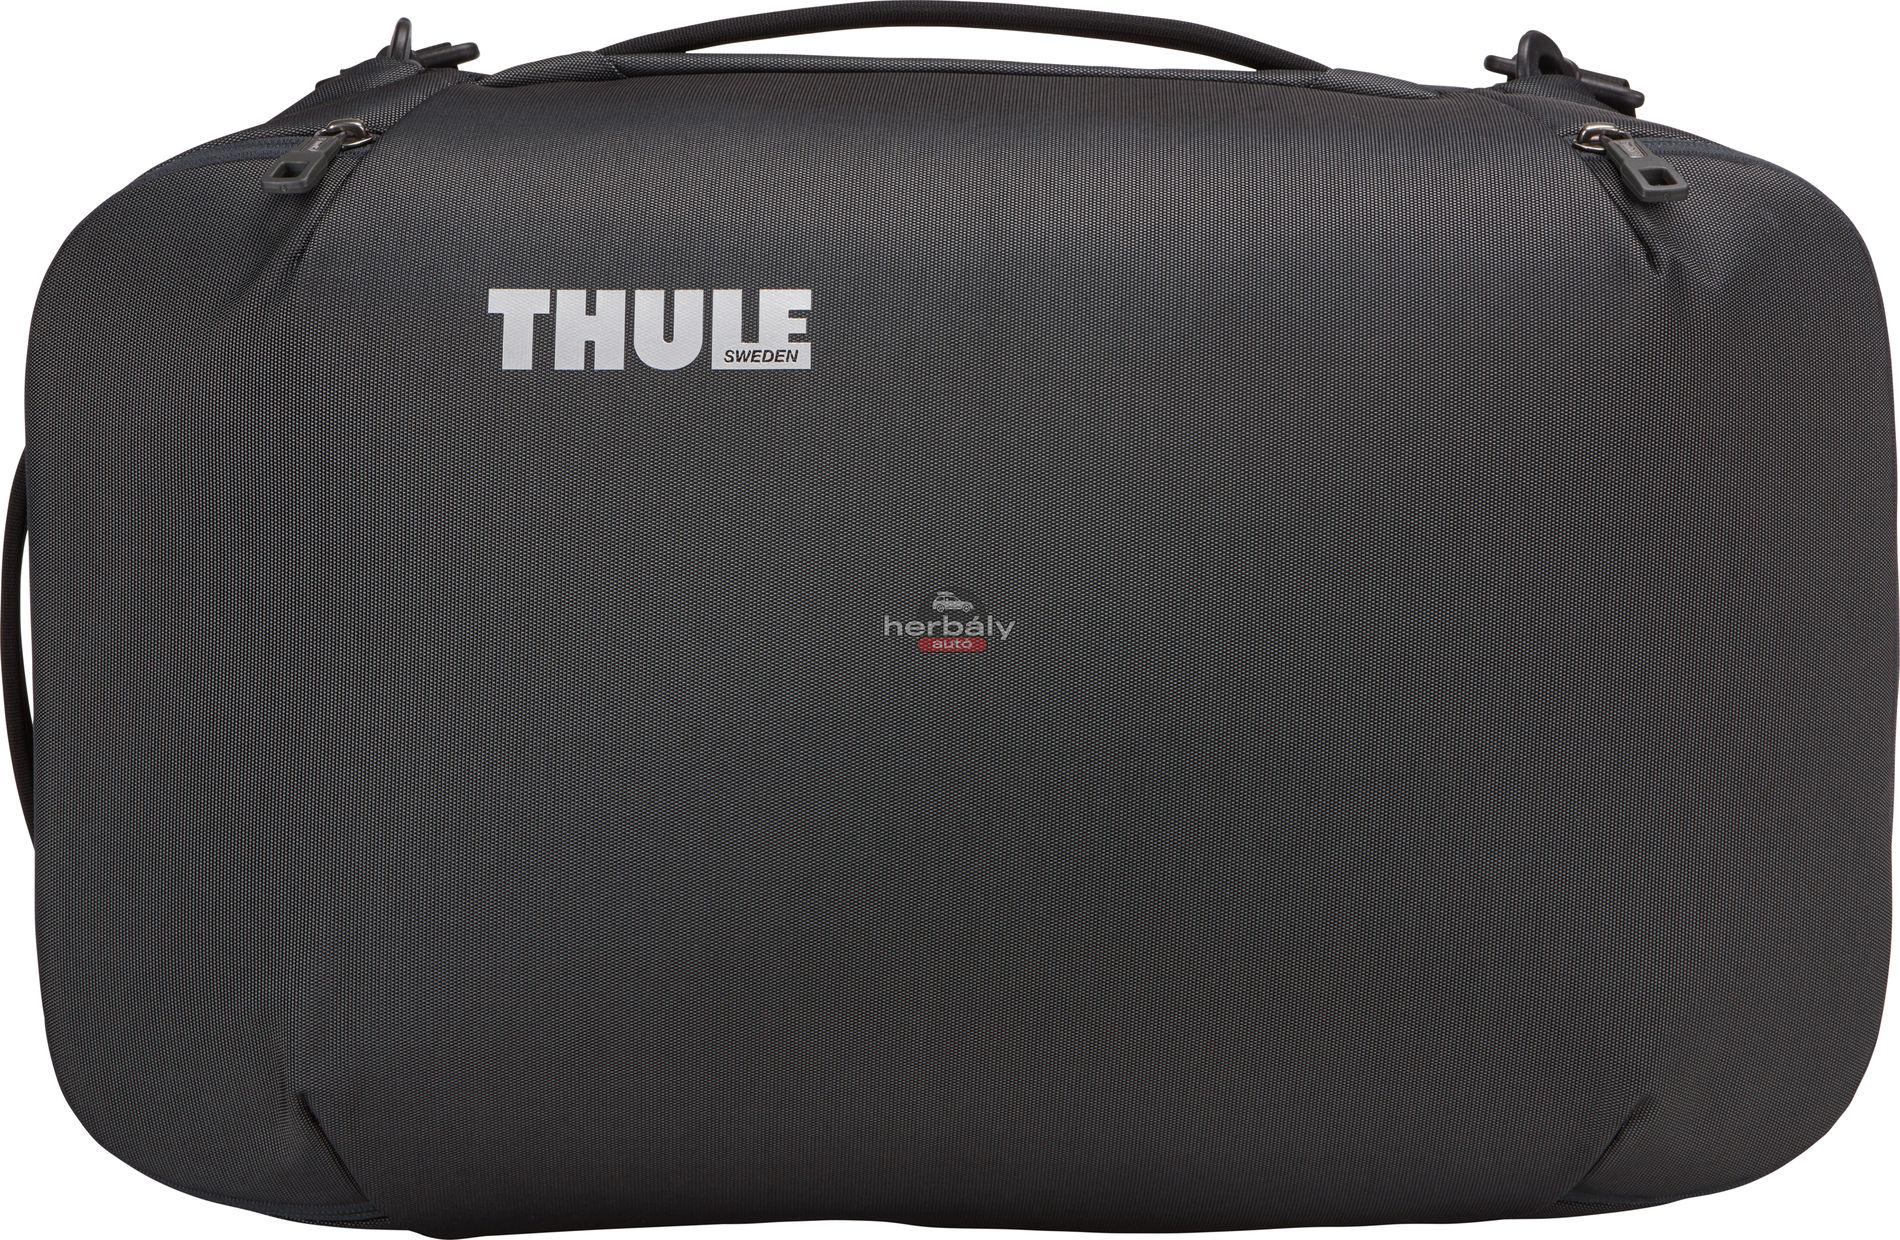 Thule Subterra TSD-340DSH kézipoggyász 40 L, fekete